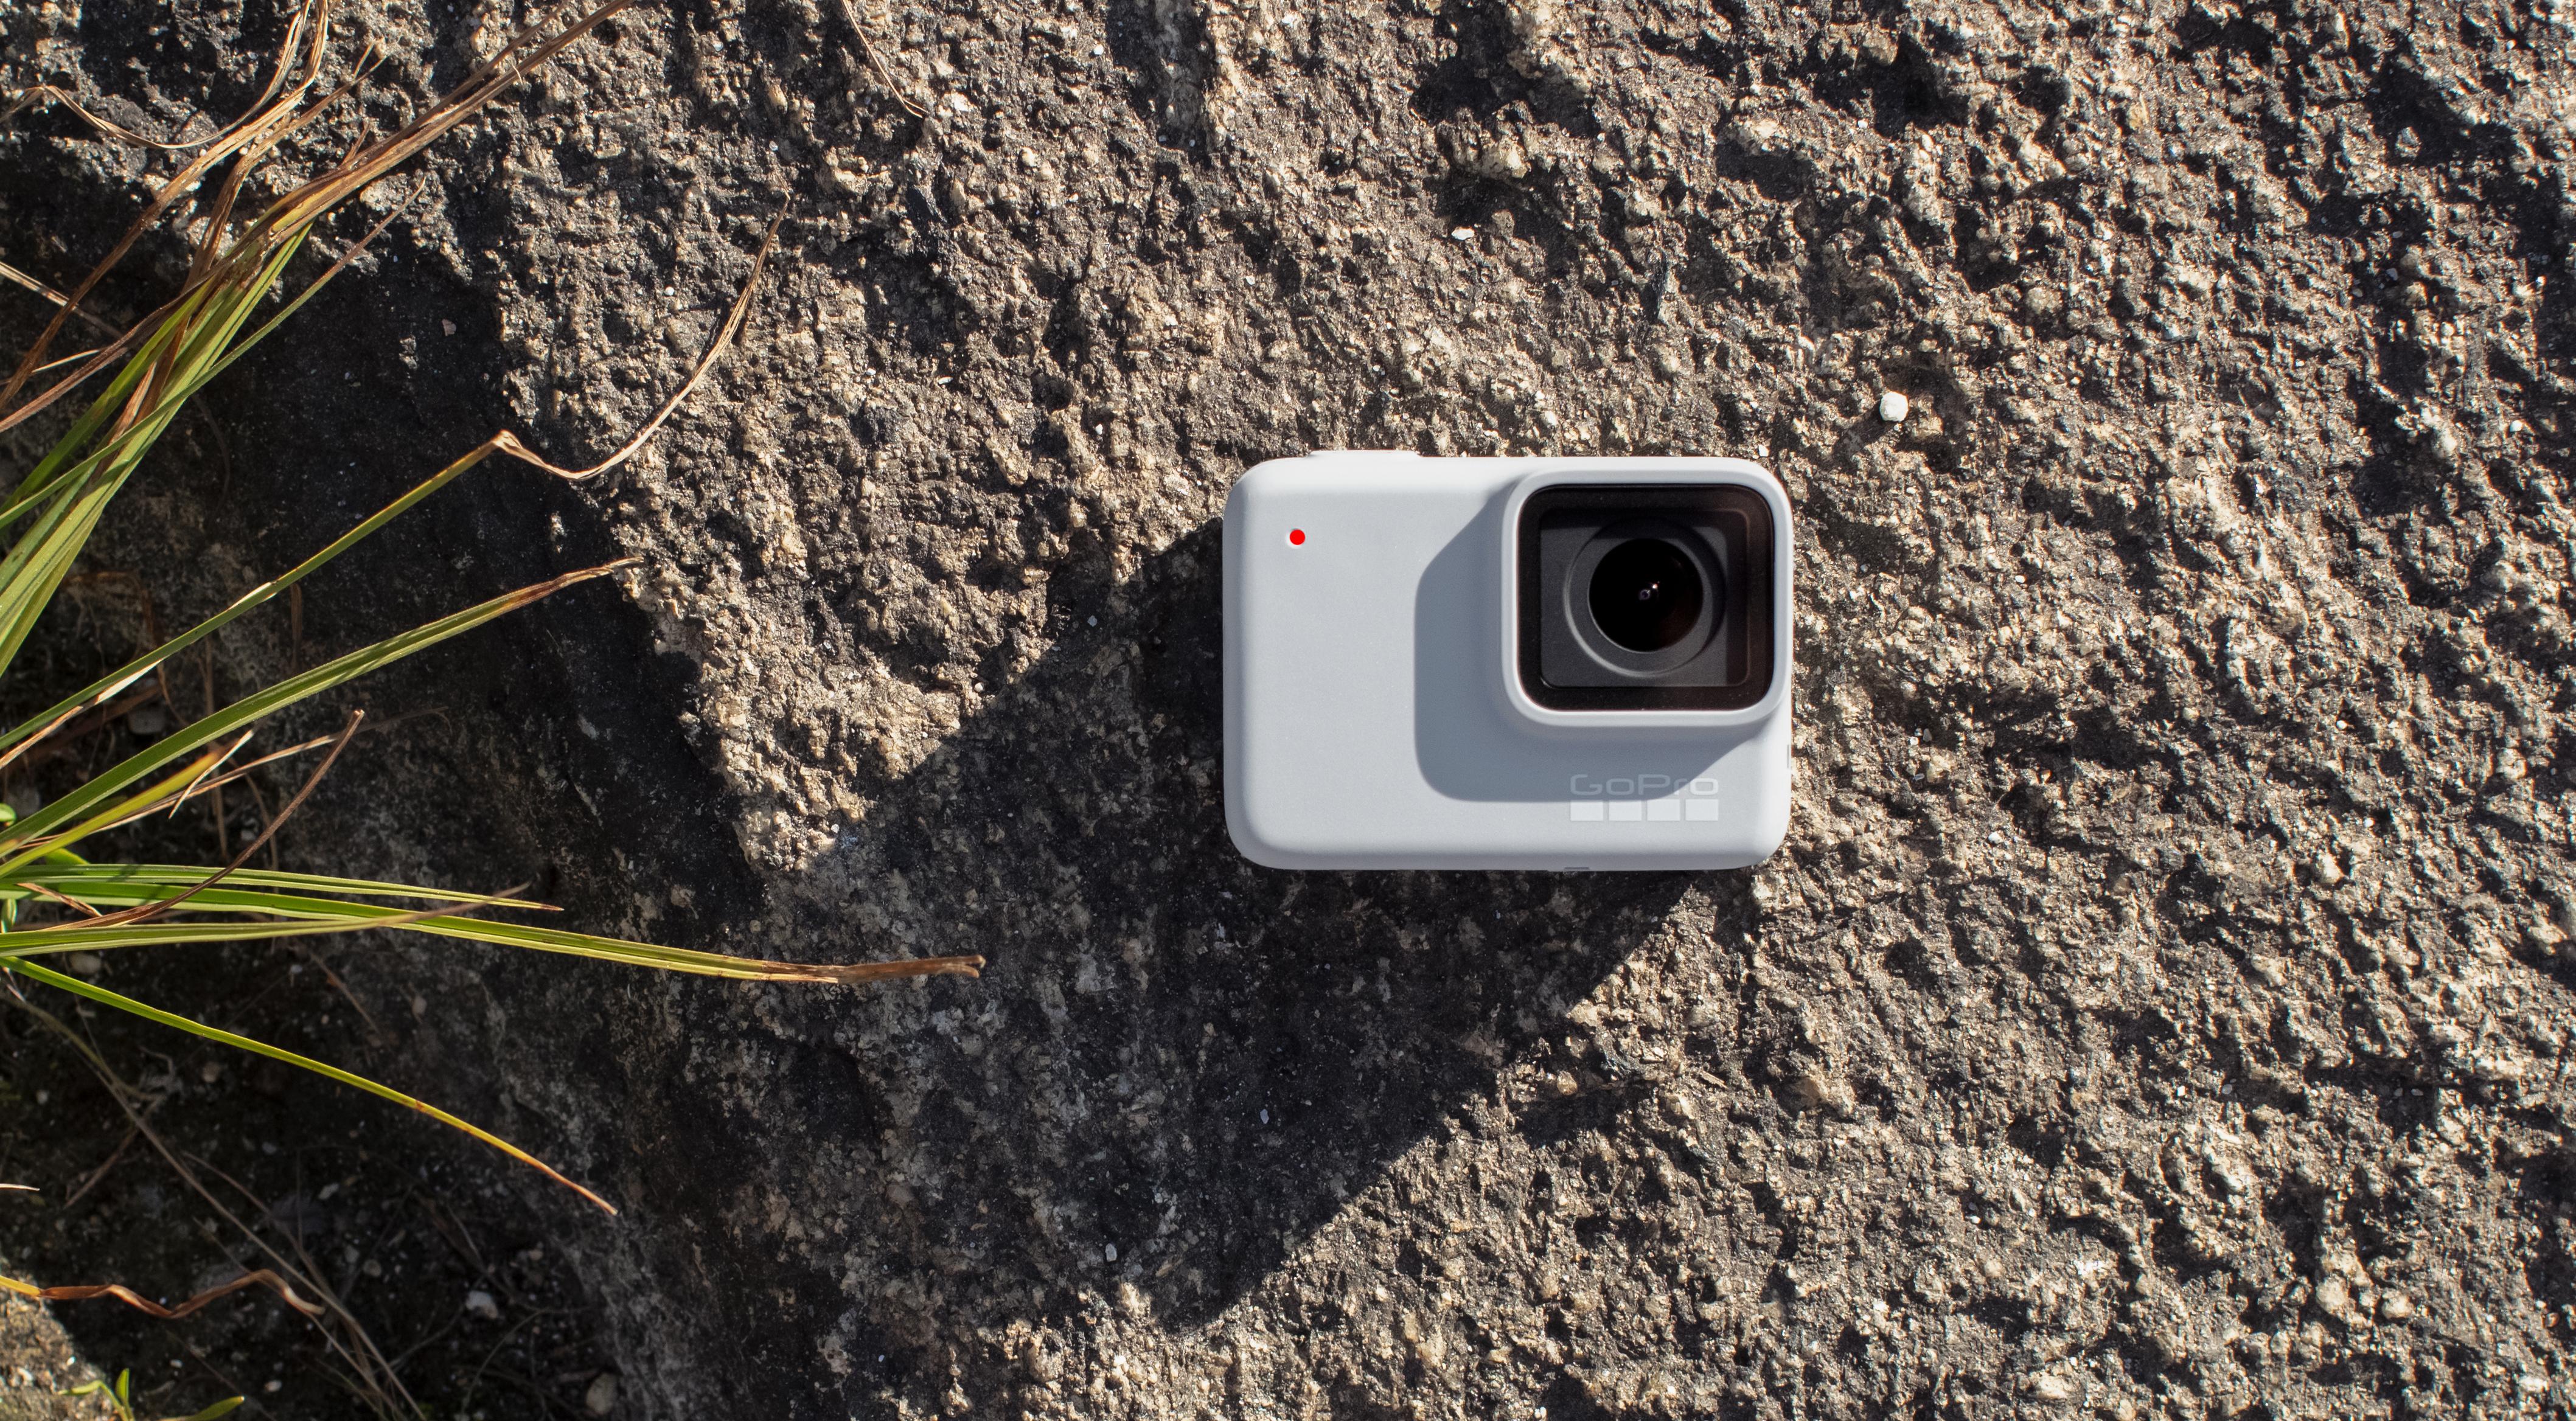 HERO7-GoPro-white.jpg?mtime=20181118193241#asset:103787